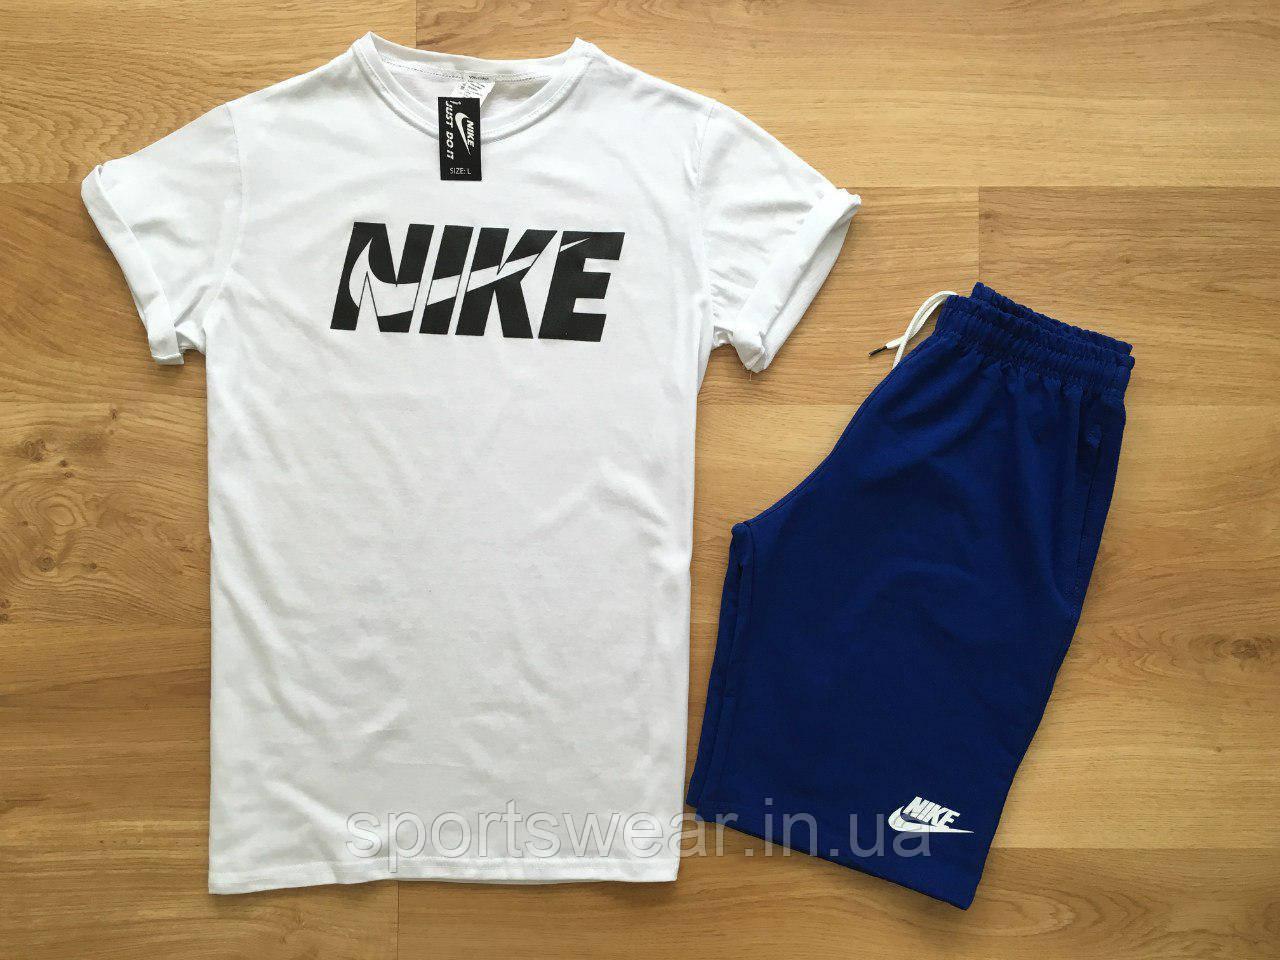 Мужской комплект футболка + шорты Nike белого и синего цвета